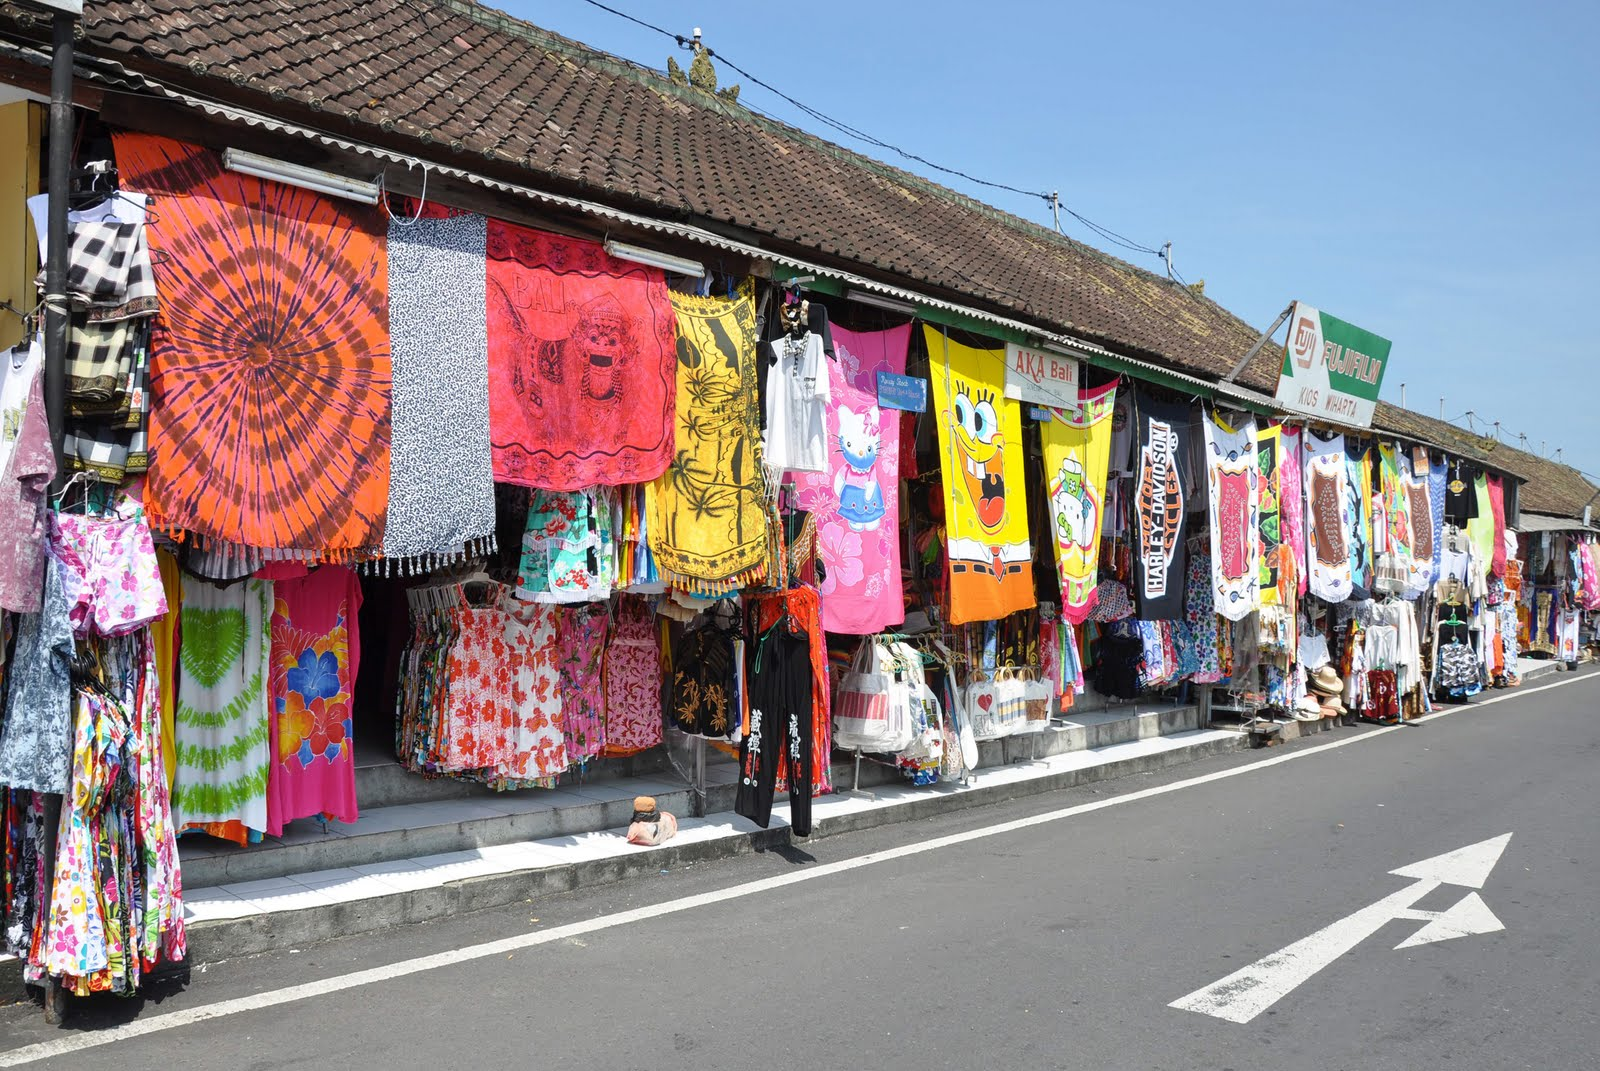 Bali 2010 - Shopping at Tanah Lot